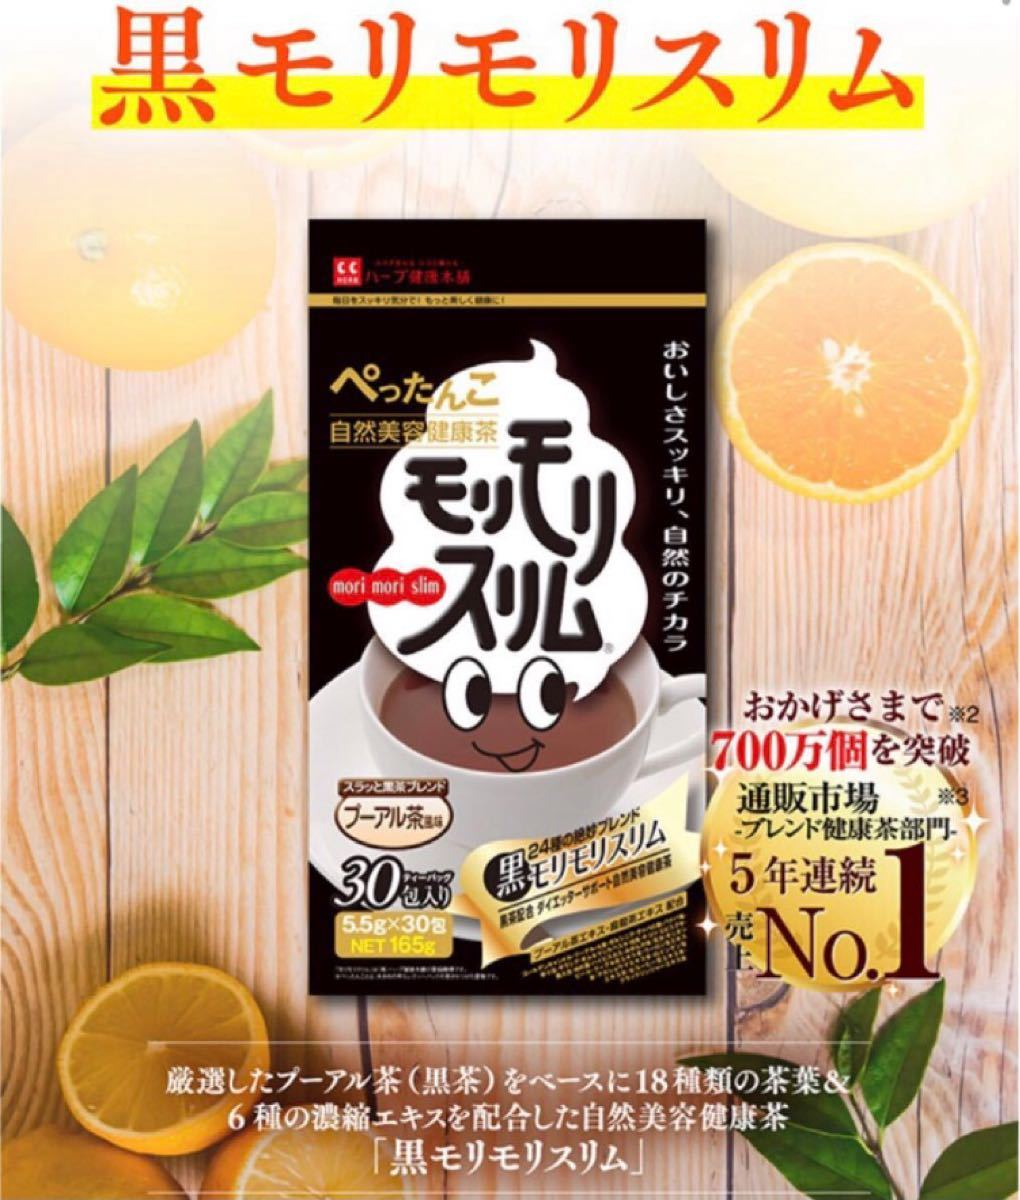 黒モリモリスリム  ハーブ健康本舗  プーアル茶  健康茶  モリモリスリム お試し用 2回分